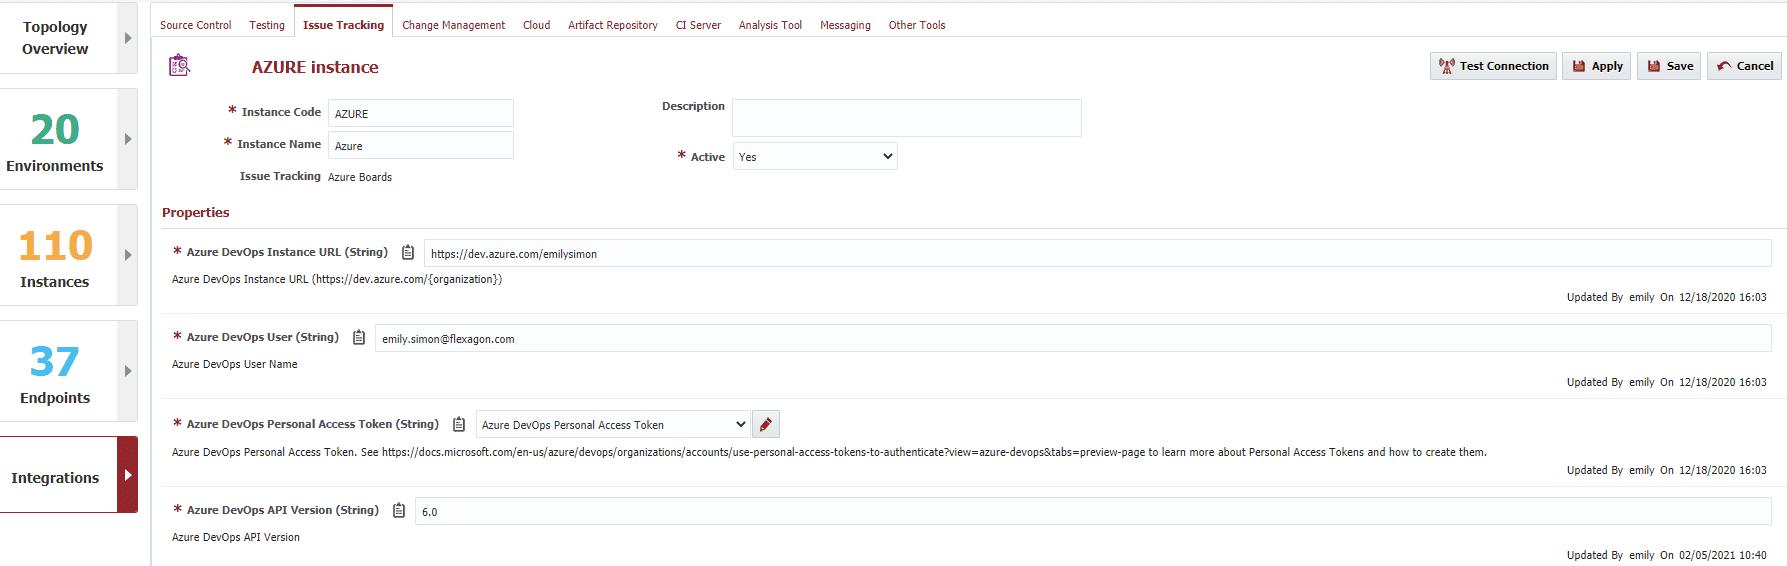 Azure DevOps Instance window in FlexDeploy